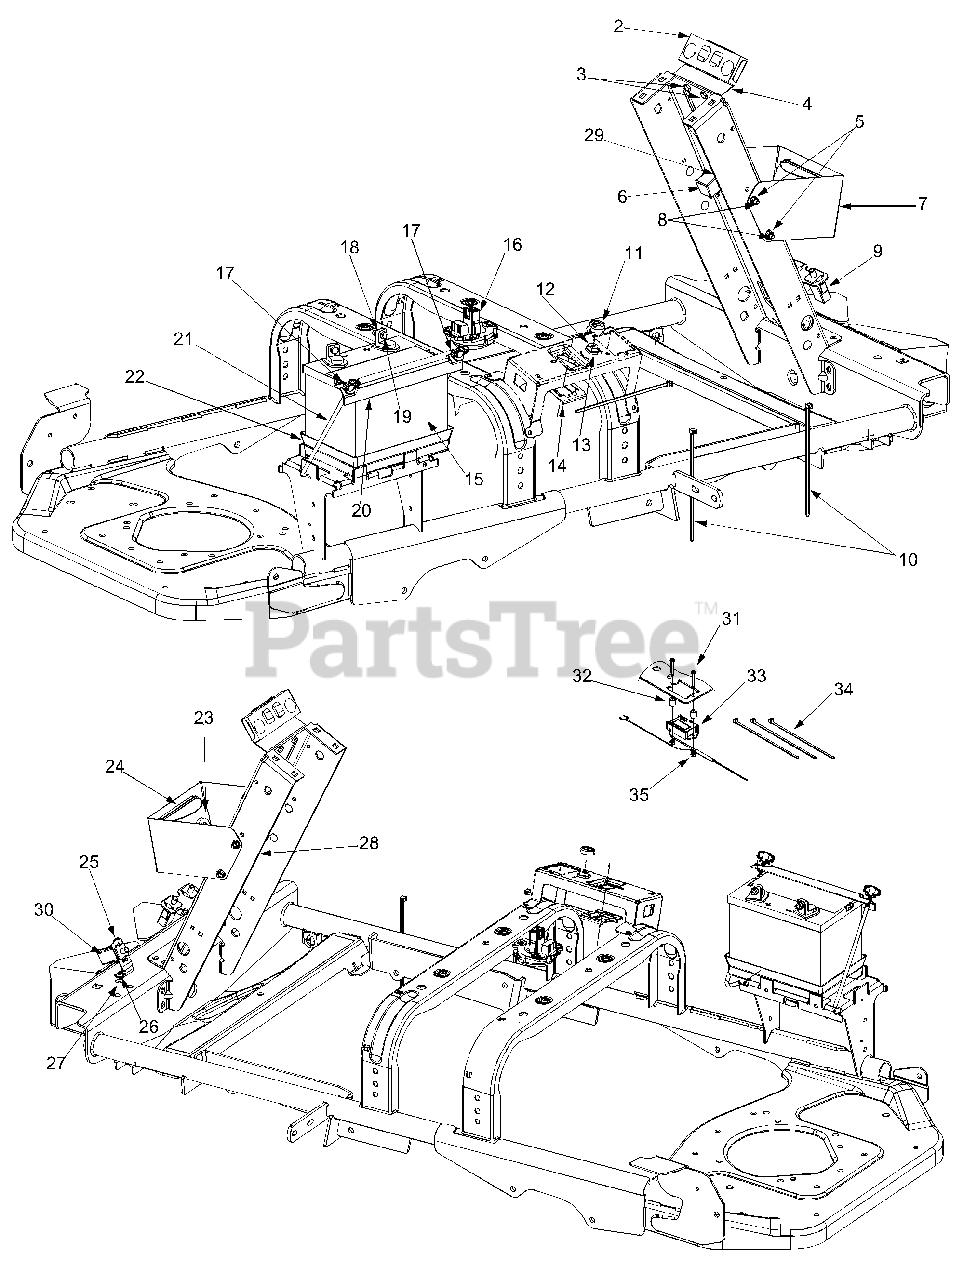 Cub Cadet Zero Turn Wiring Diagram. cub cadet rzt 50 parts